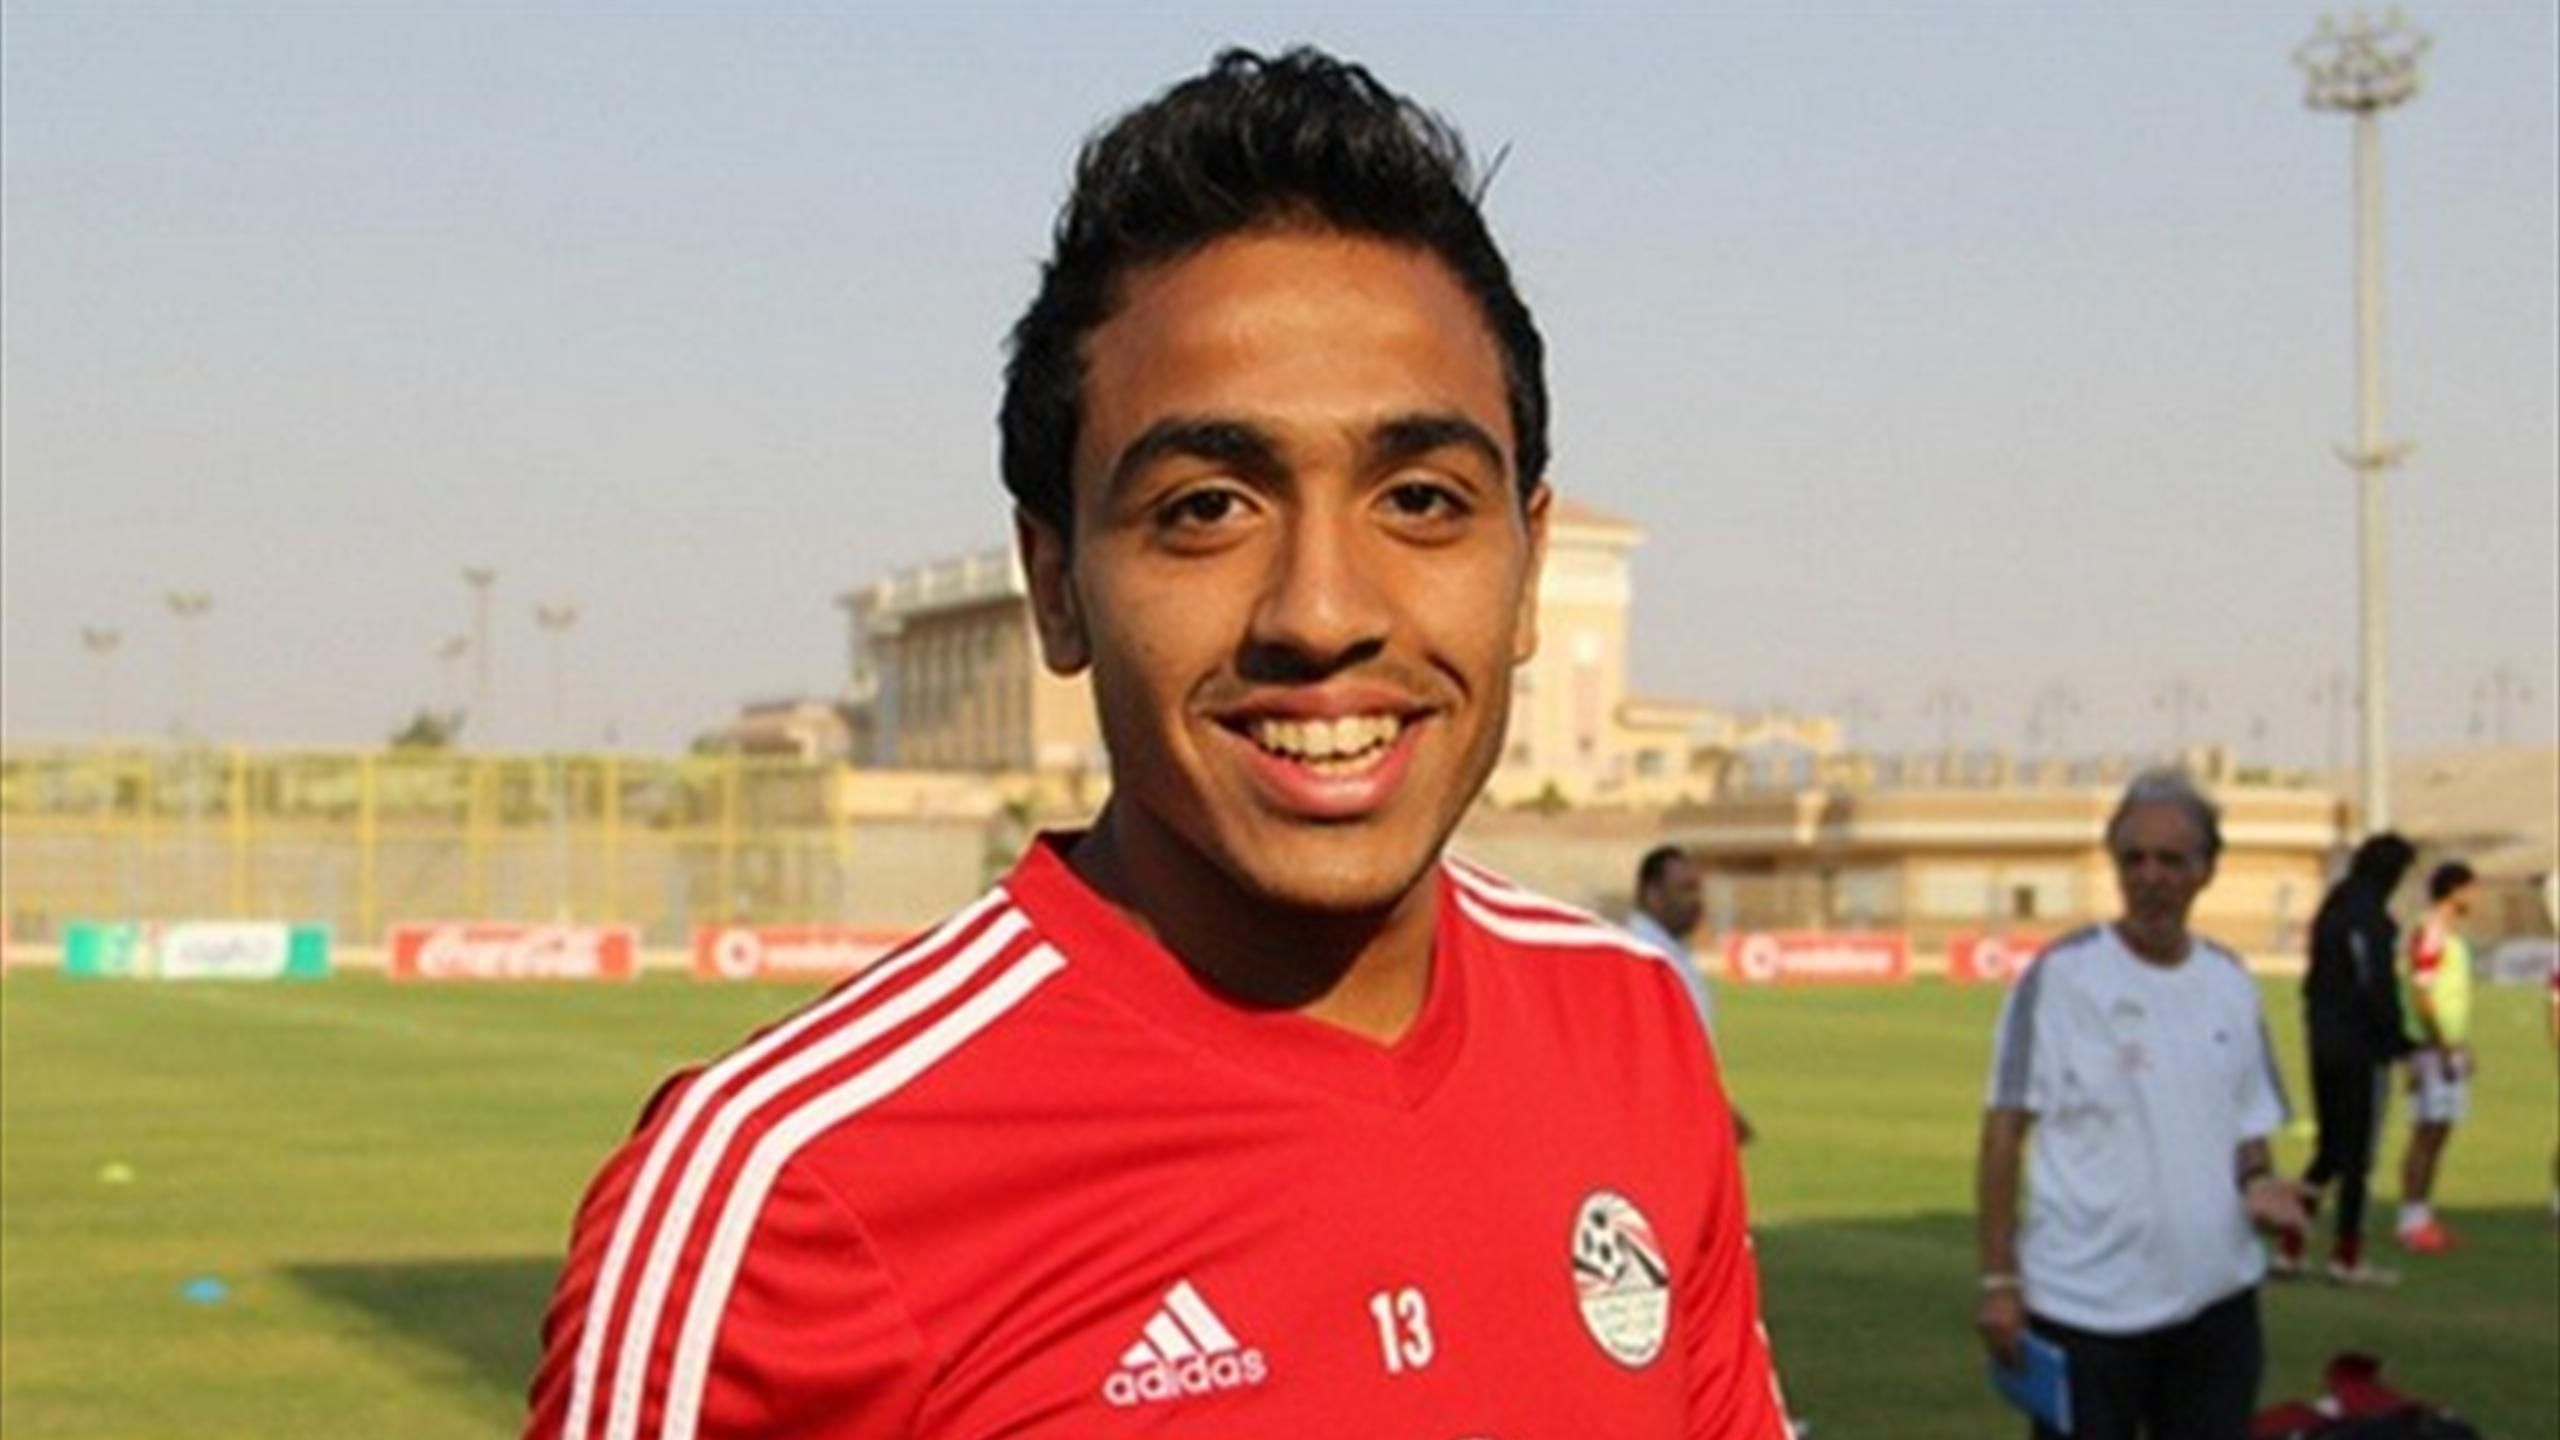 صورة بالفيديو .. كهربا يكشف سر بكائه بعد إحرازه الهدف فى المغرب